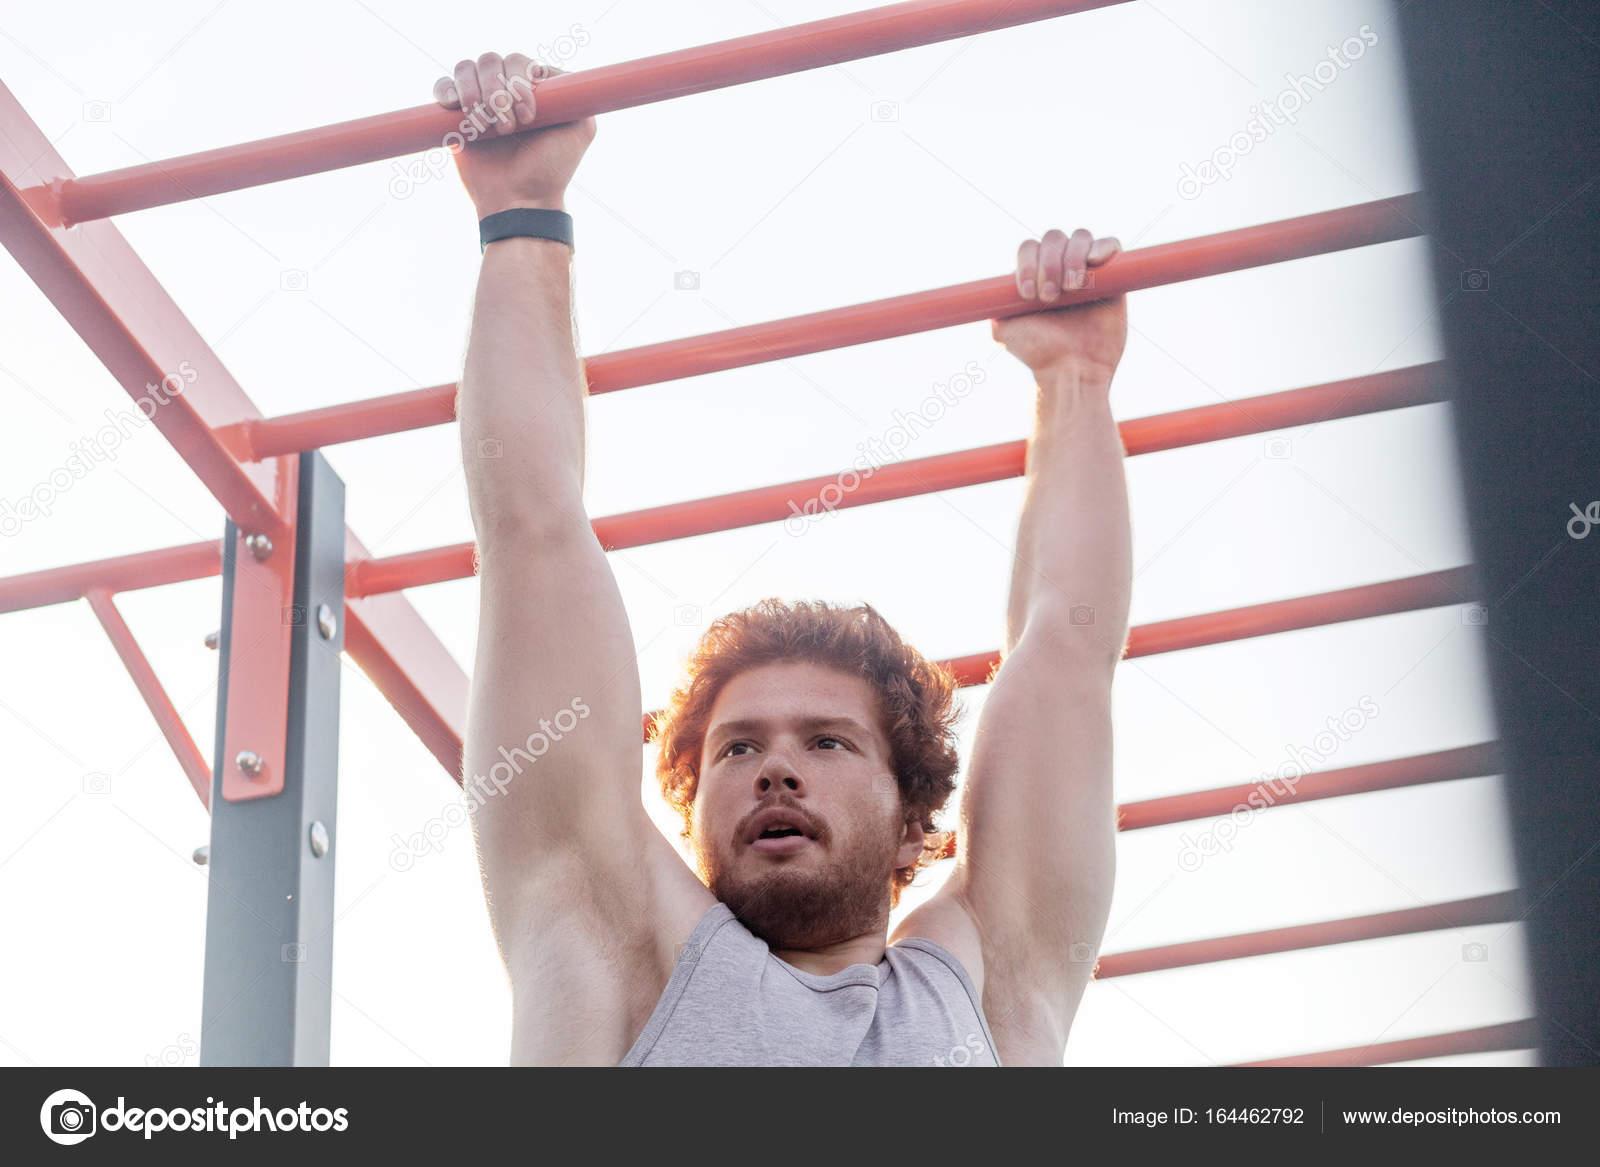 Klettergerüst Erwachsene : Junge erwachsene bärtigen rothaarige mann klettern auf bar